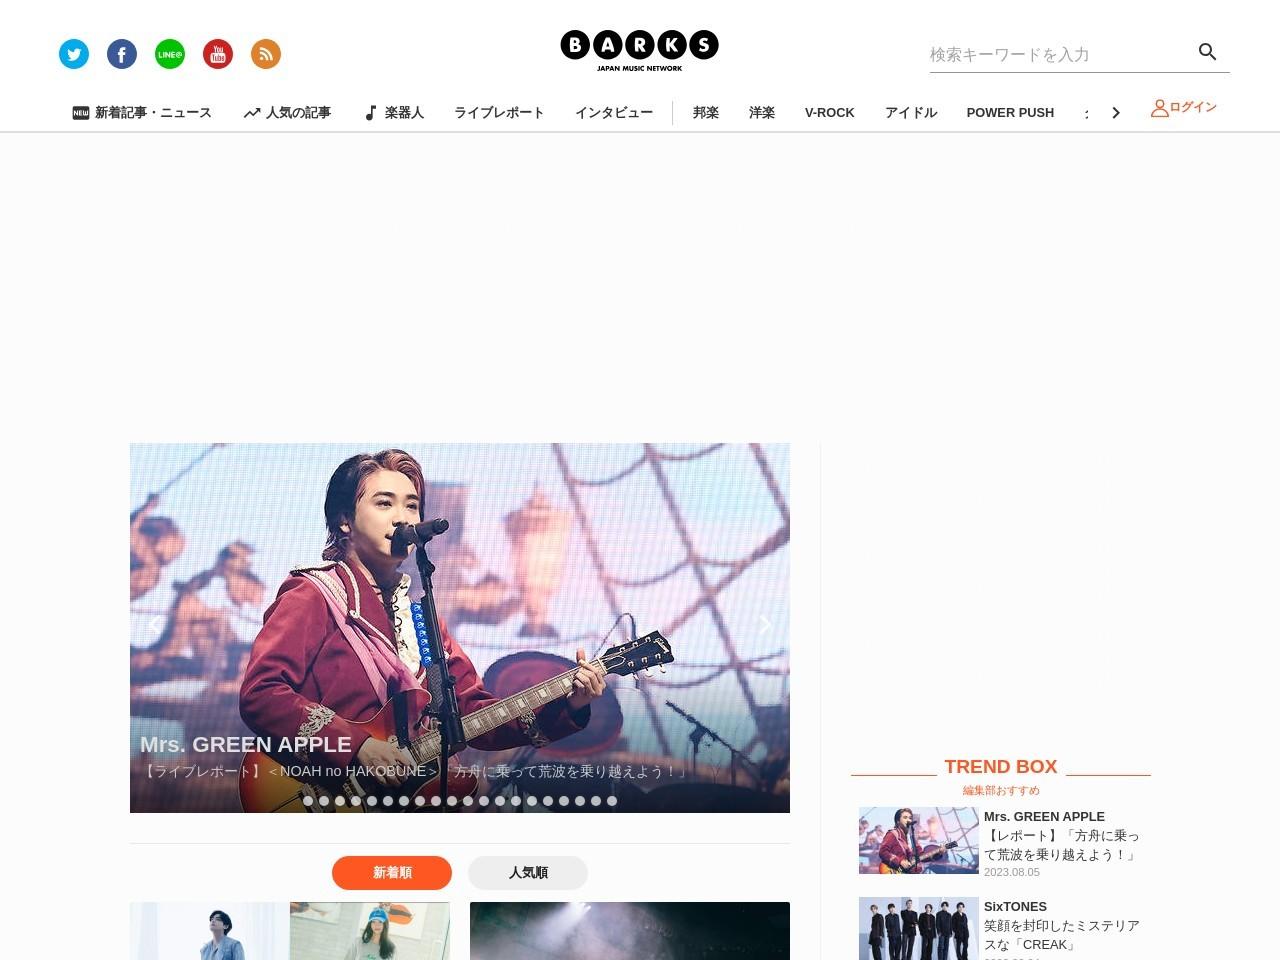 DA PUMP、名阪リリースイベント完遂。テレビ番組でも初歌唱